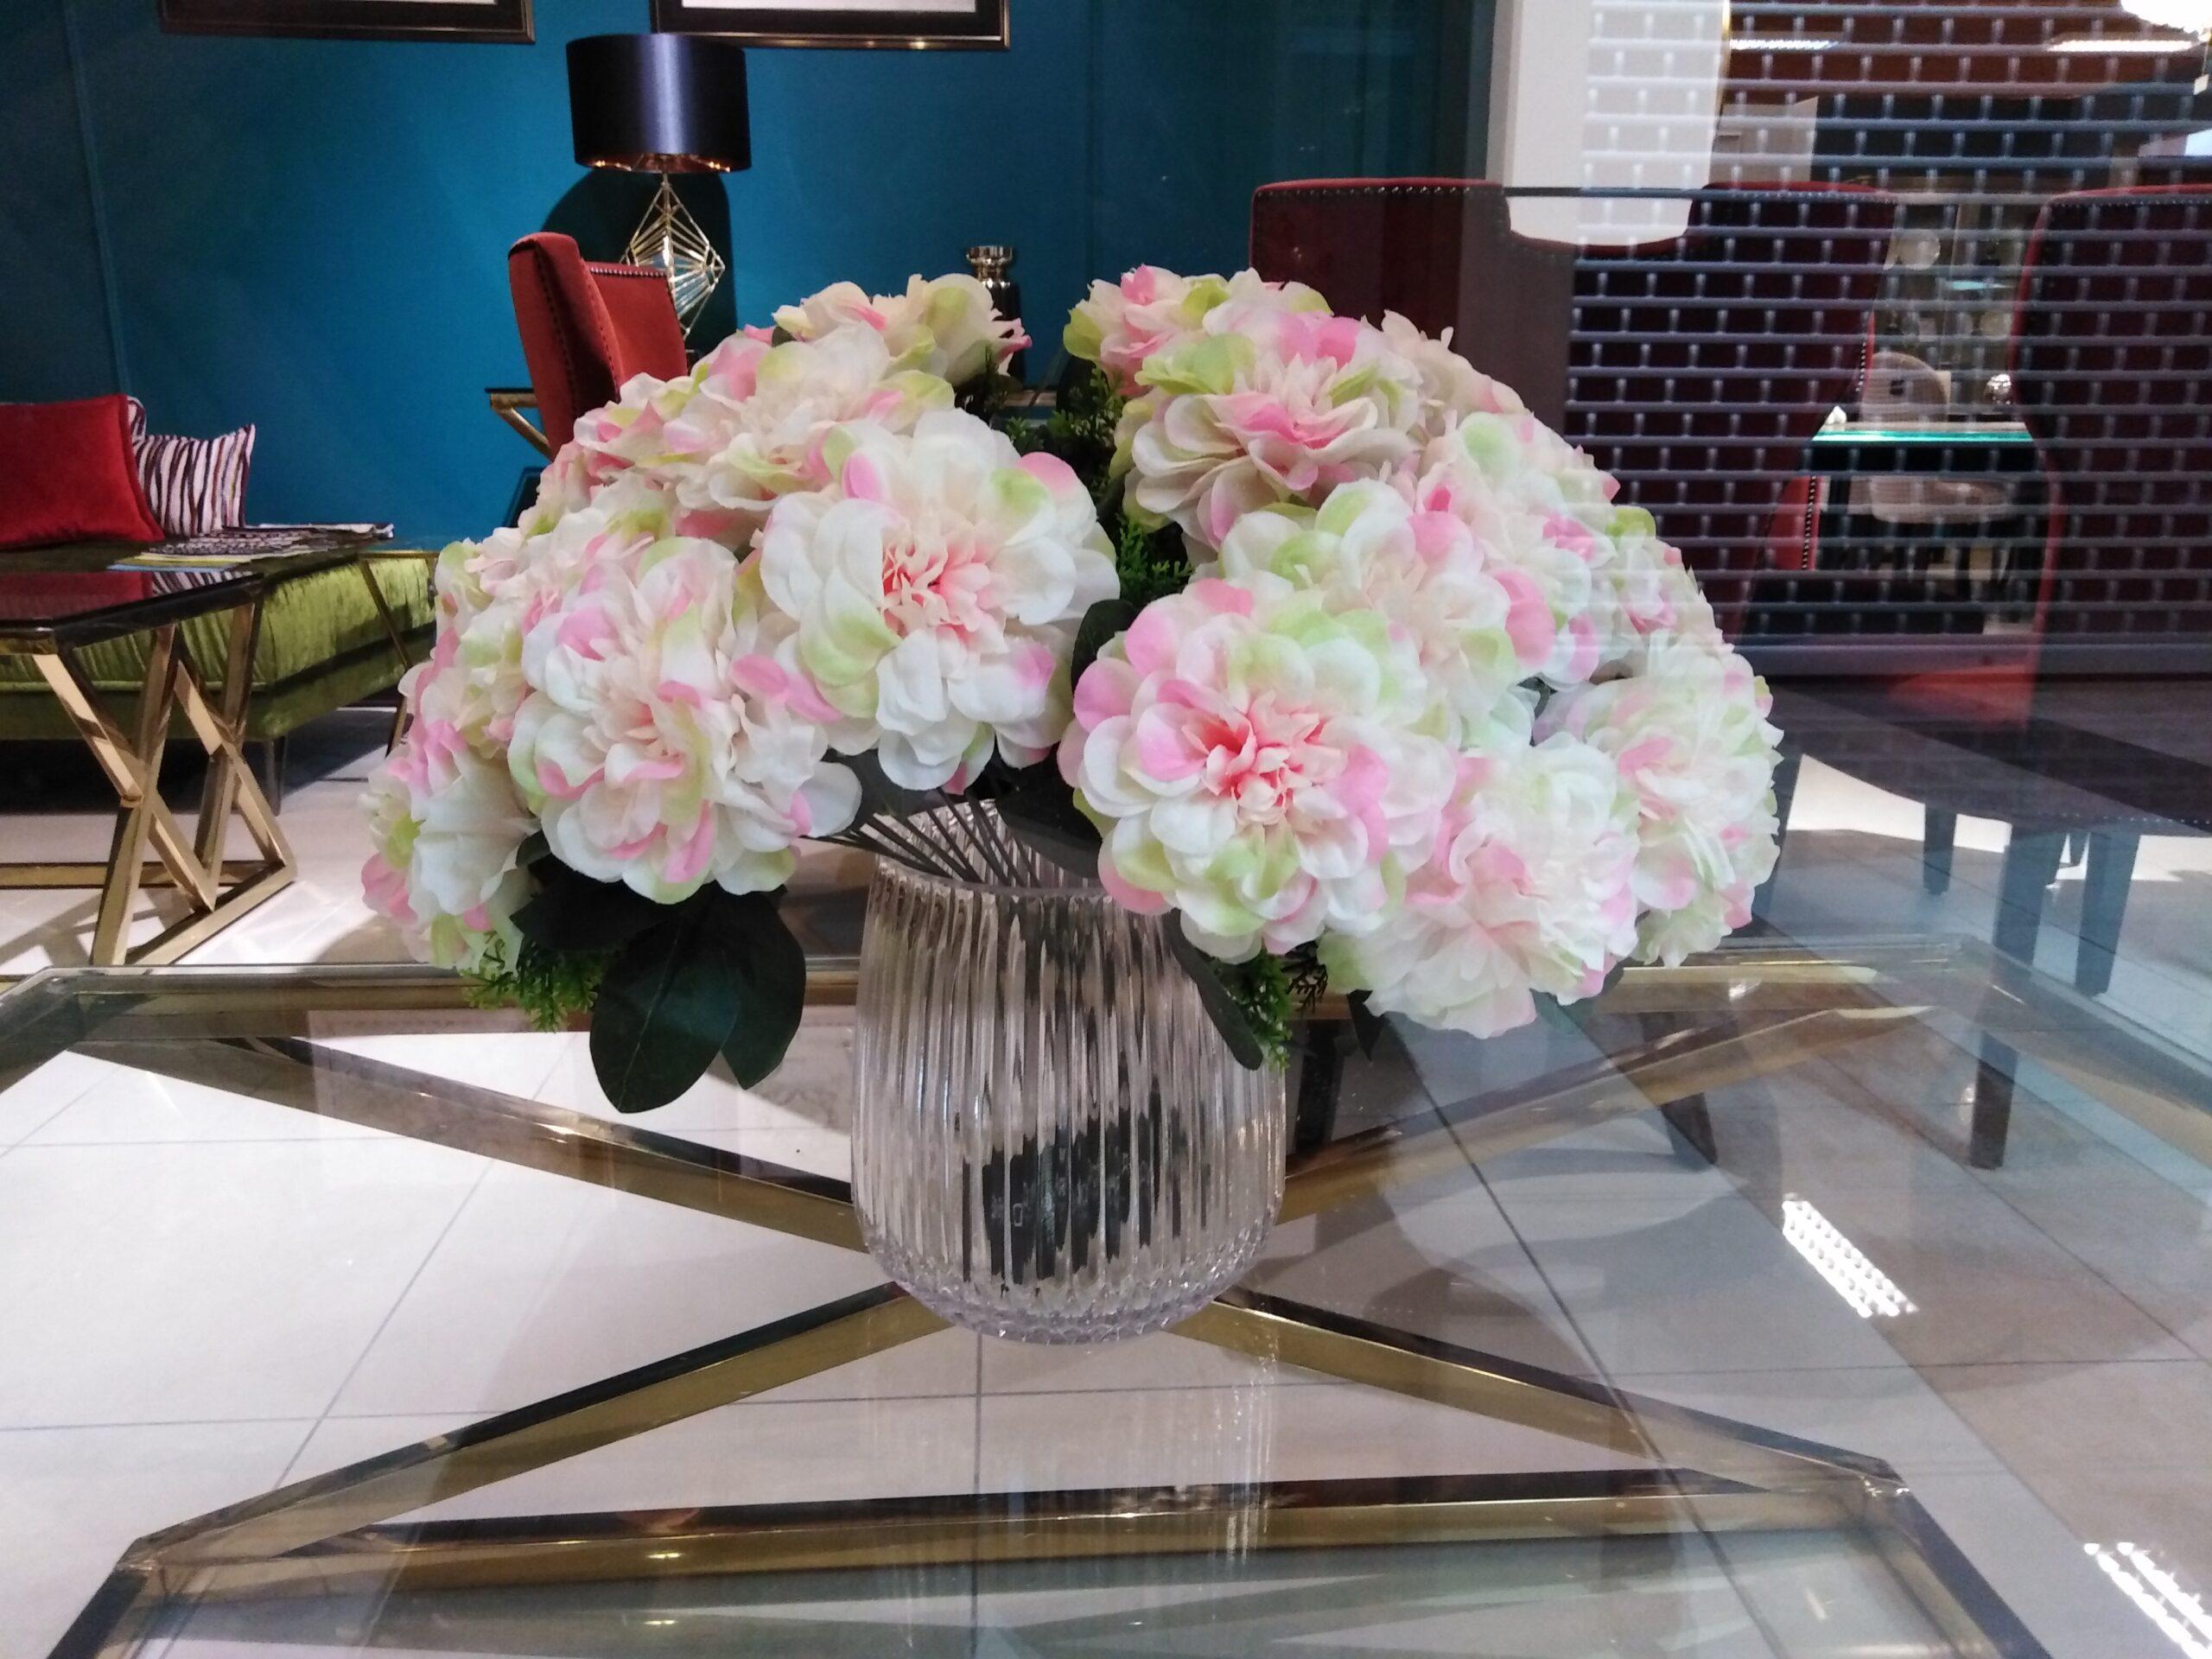 WYPRZEDAŻ -30% zestawy sztucznych kwiatów z ekspozycji